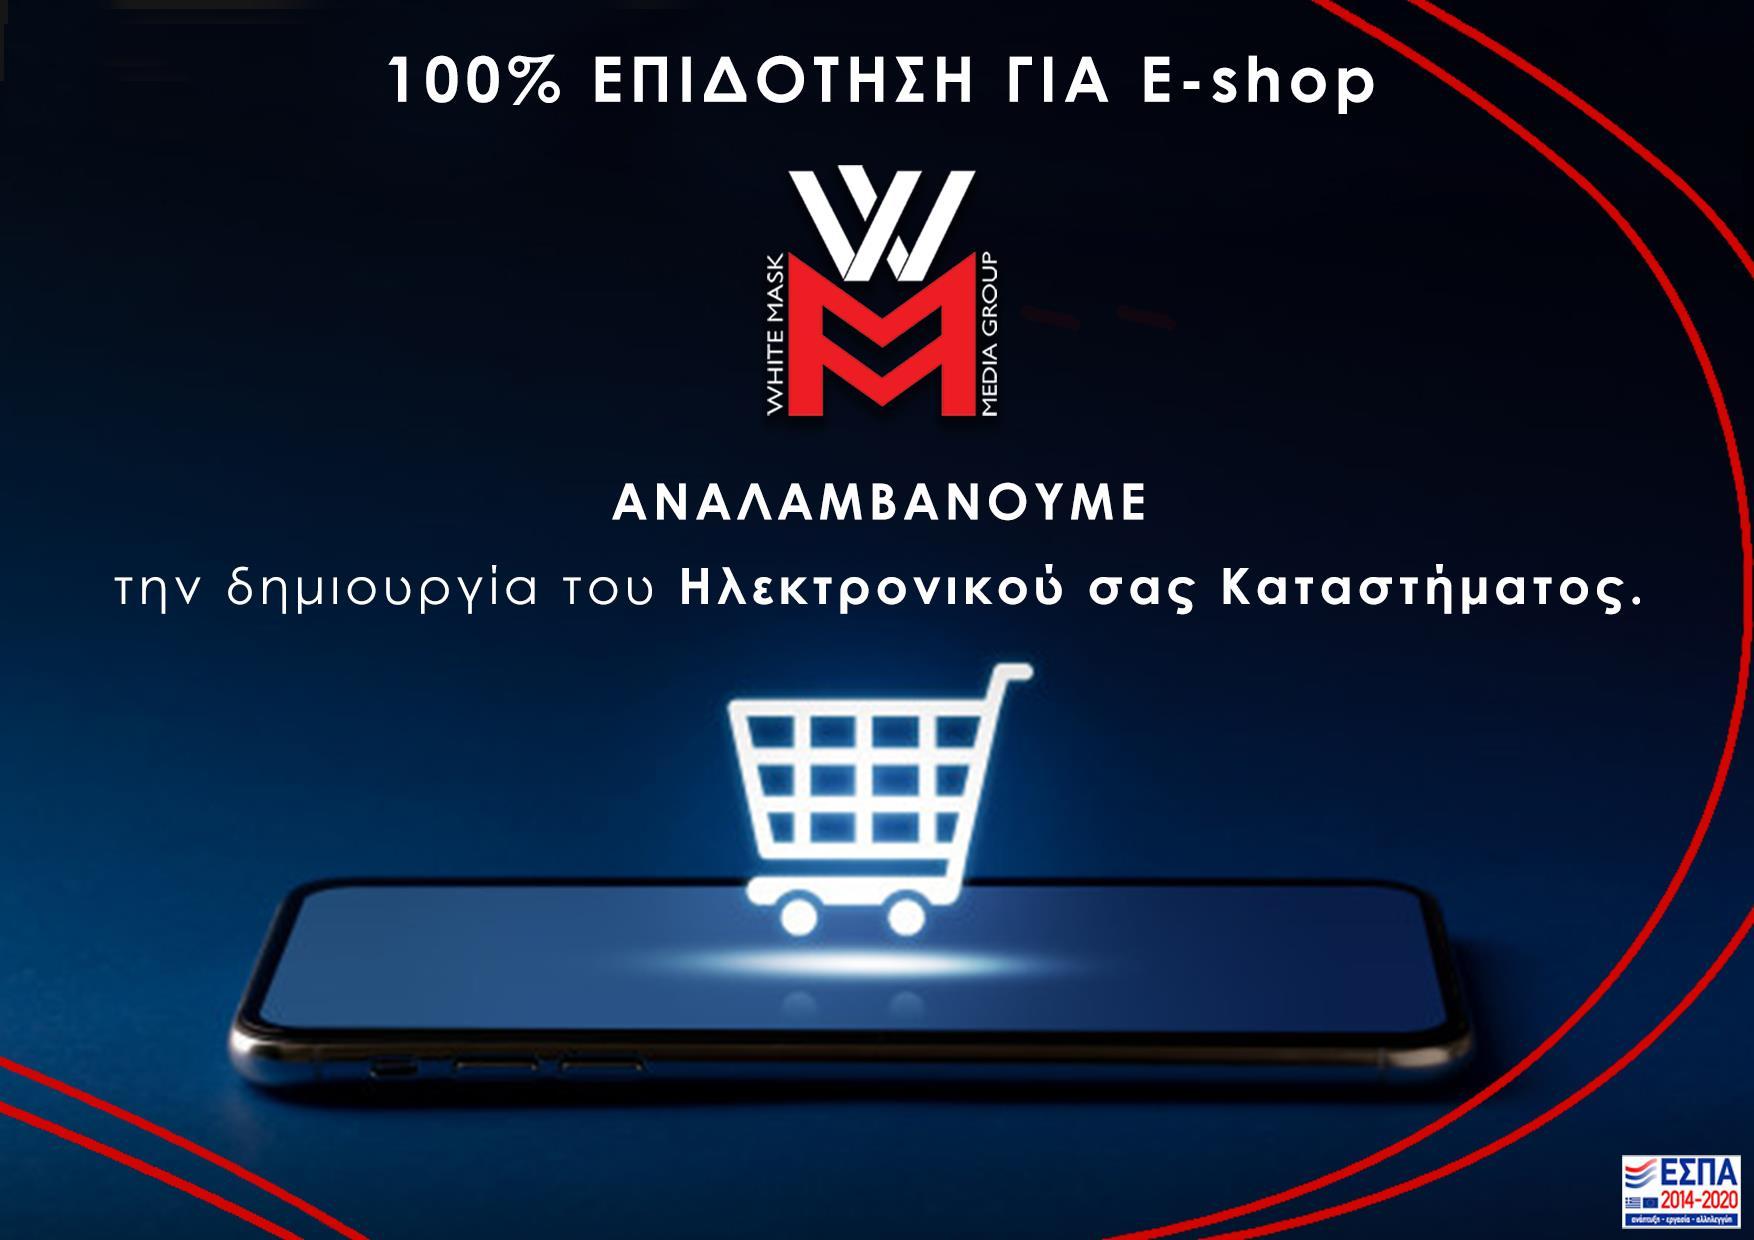 Κατασκευή Eshop με 100% Επιδότηση ΕΣΠΑ με την αξιοπιστία της WMMG